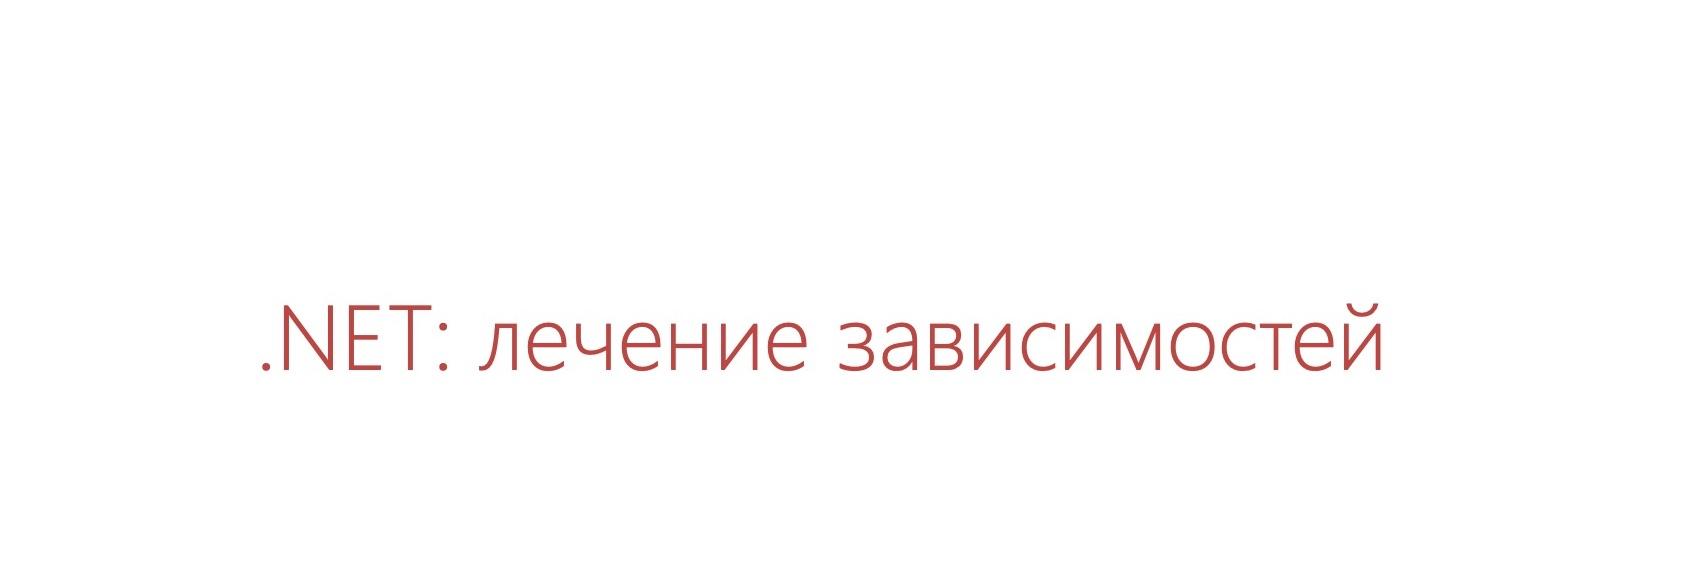 .NET: Лечение зависимостей - 1